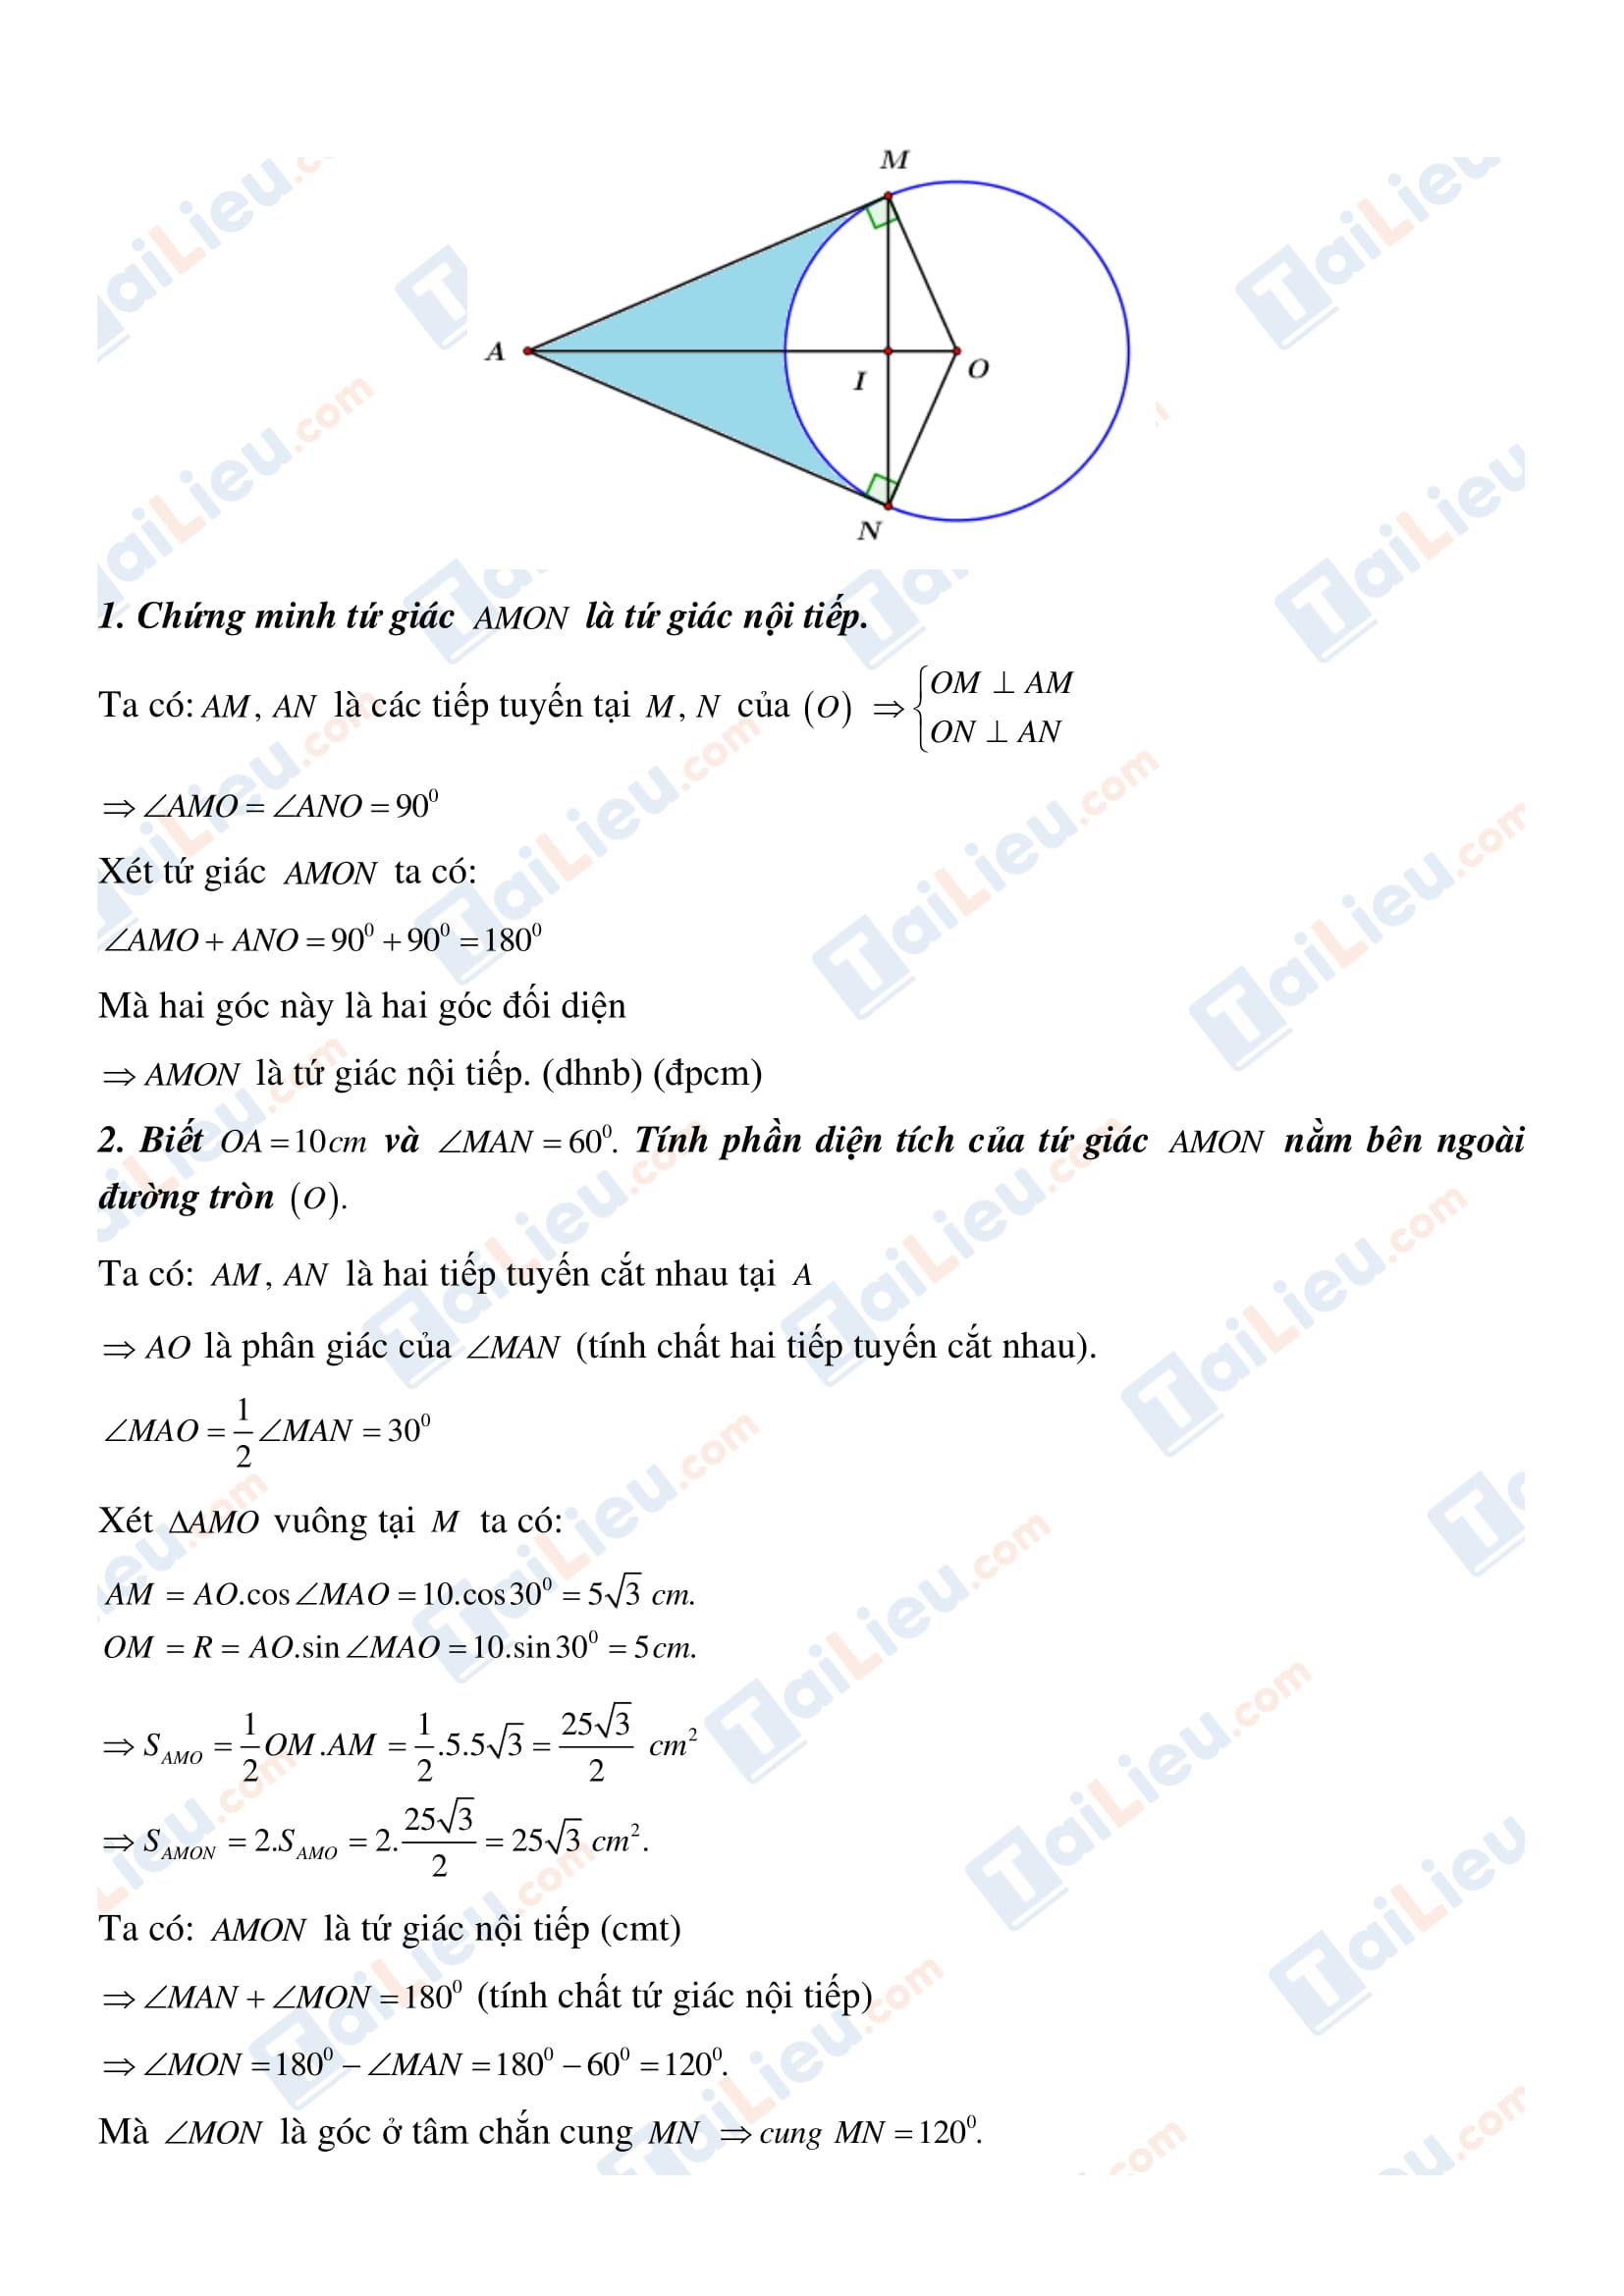 Đáp án đề tuyển sinh lớp 10 môn toán 2020 Đồng Tháp_2